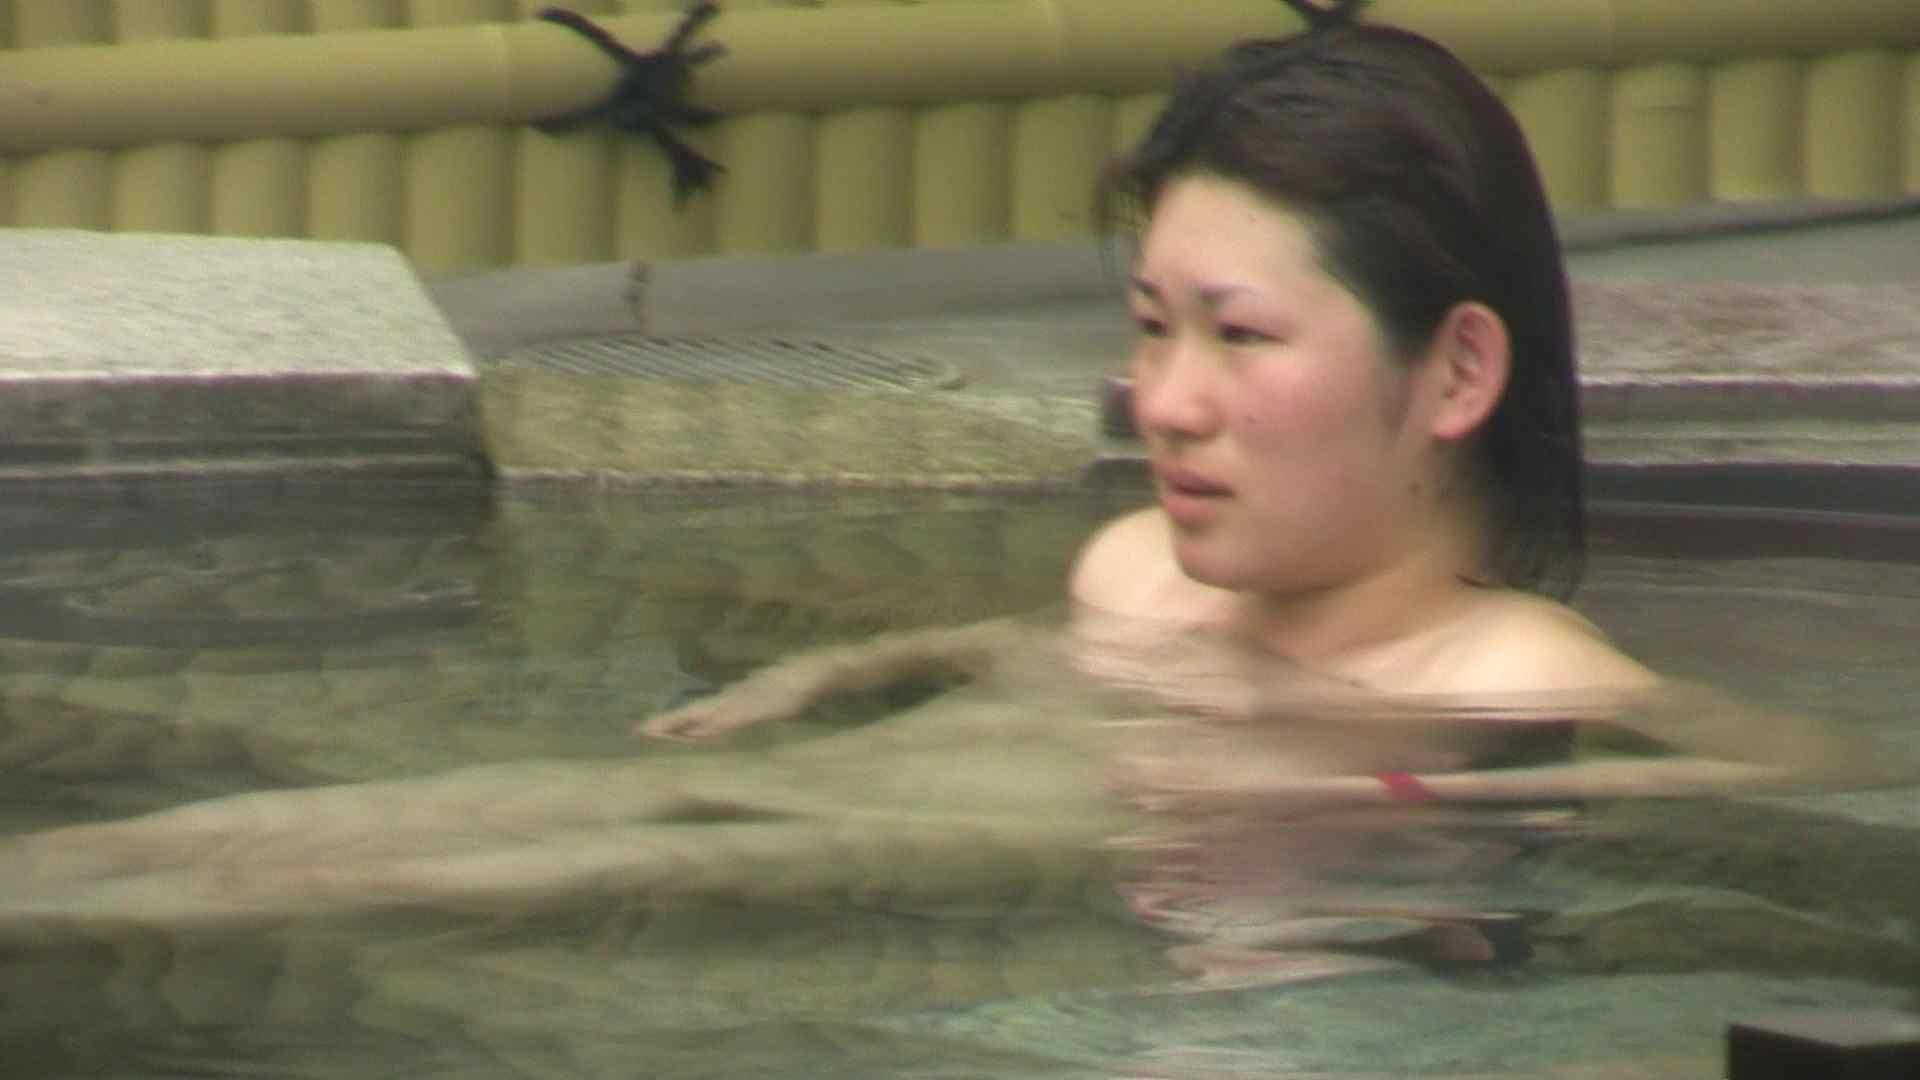 Aquaな露天風呂Vol.673 0   0  91pic 61